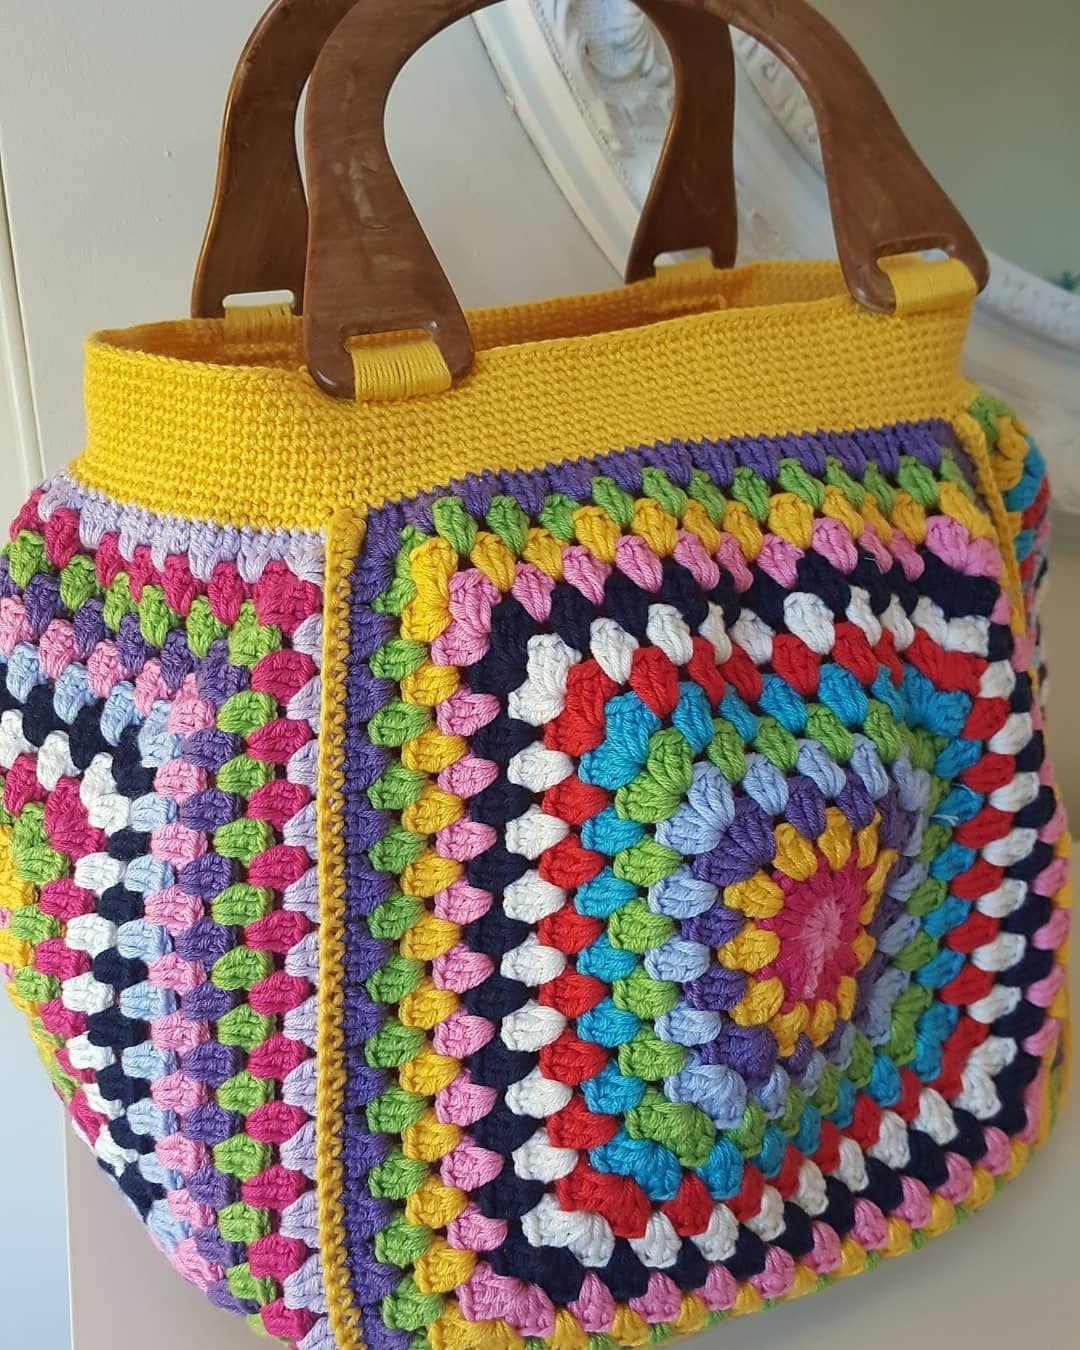 6c402e92e6cf  hertaktiginizdamucizelerkapinizicalsin  şansçantası  trend  tarz  moda   fashion  handmade  handbag  elemegi  renginiseç  rengarenk  trend…   CasualHandbags